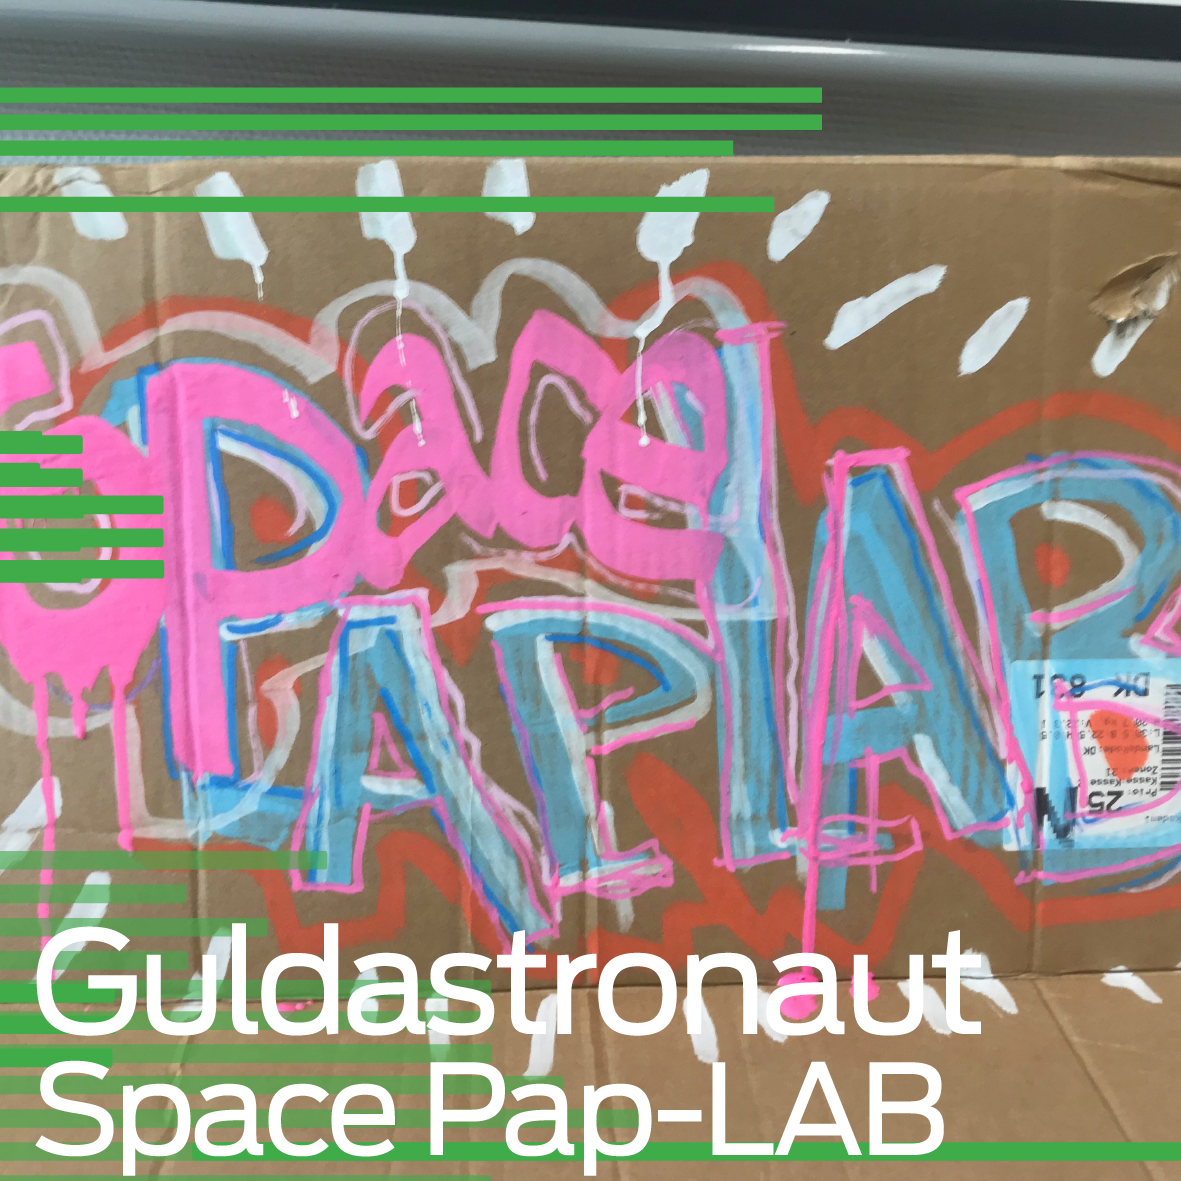 Guldastronaut: Space Cardboard LAB